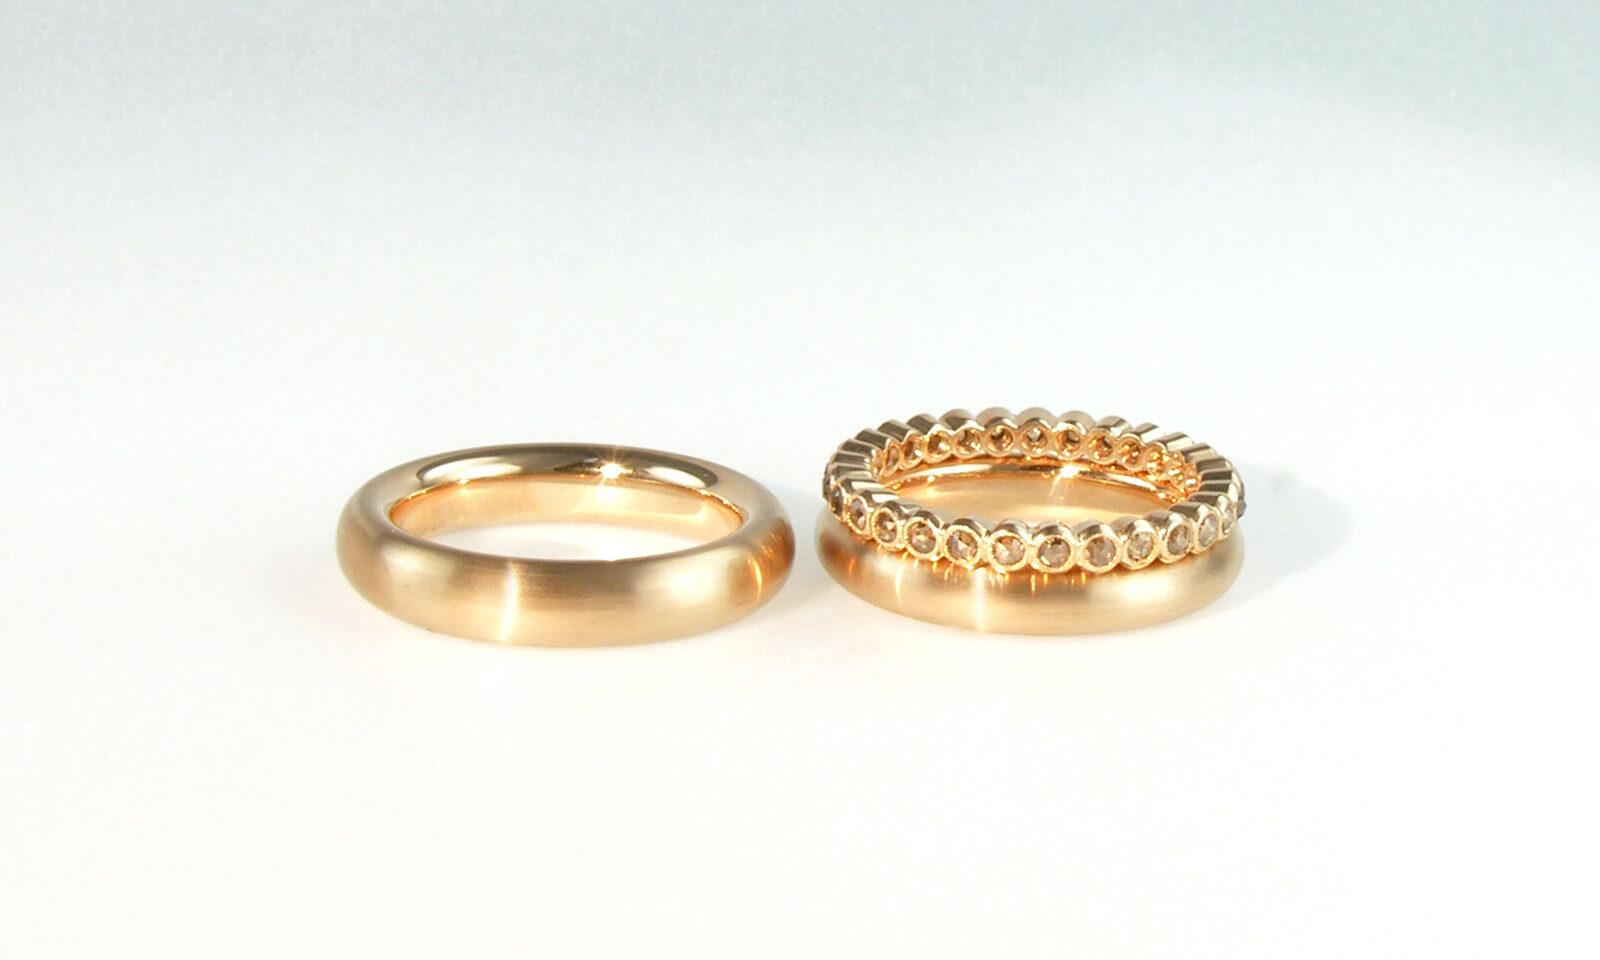 Diamanten Rosenschliff. Eheringe Rotgold 750 CHF 1700.- / 1500.-, Alliance mit naturfarbenen Diamanten im Rosenschliff d 1.8 mm, CHF 2600.-